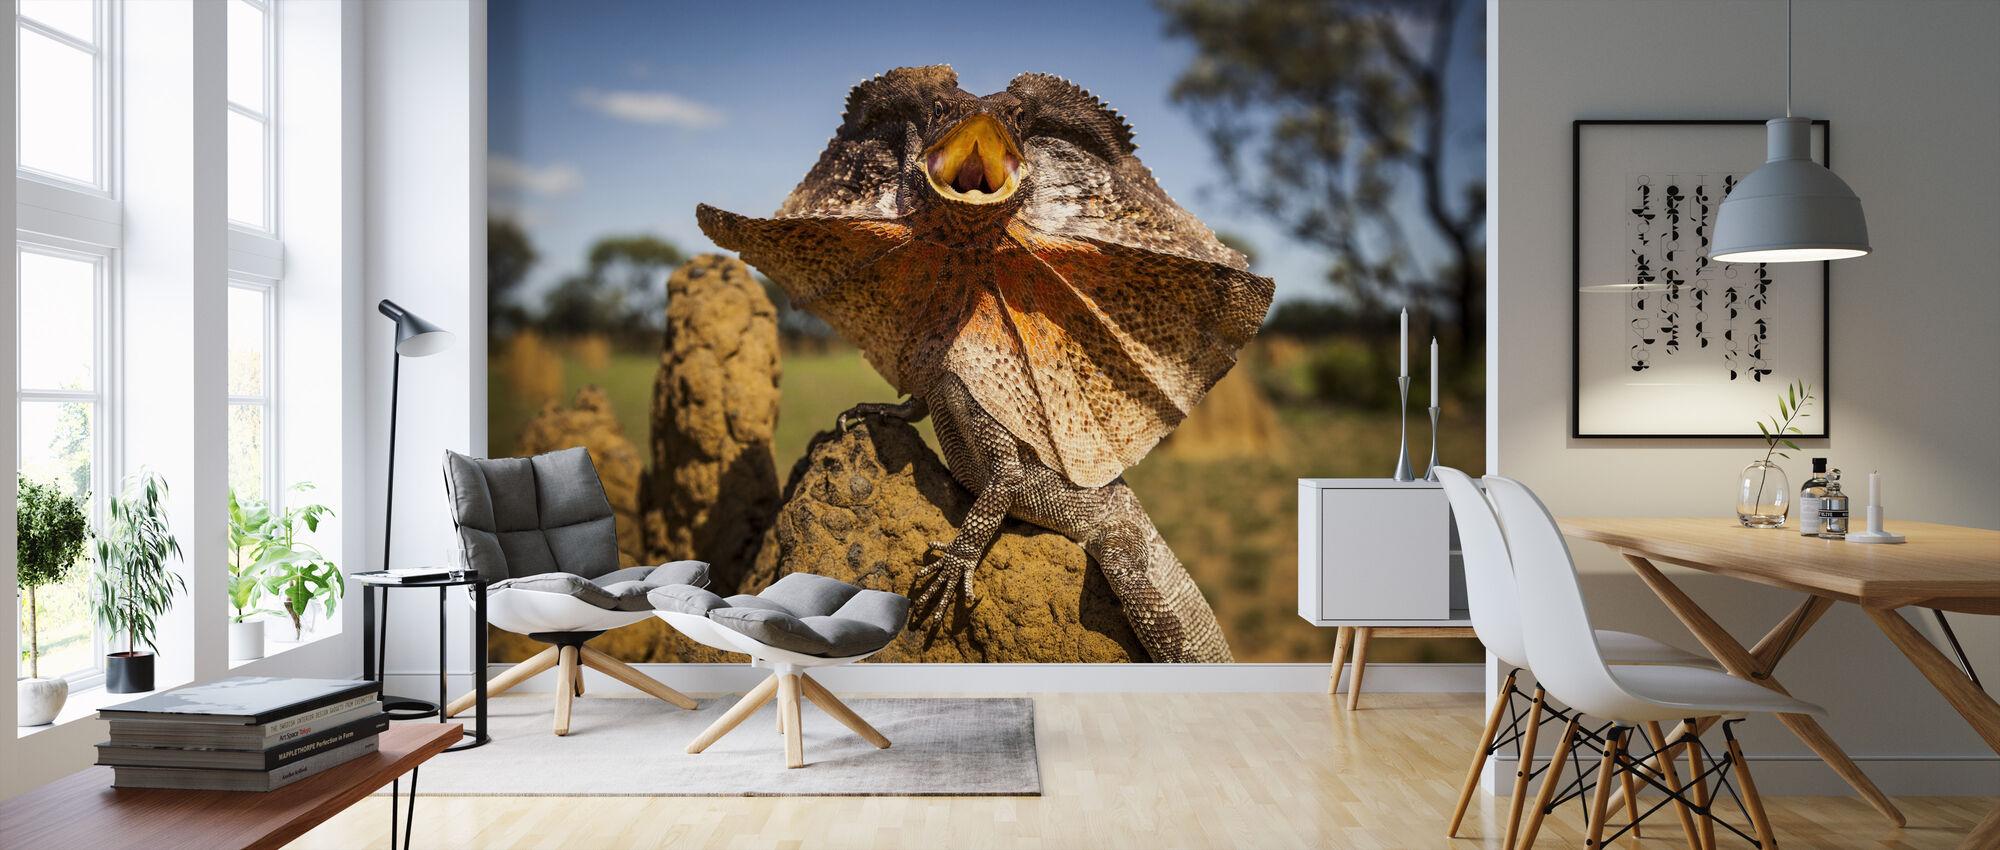 Frill Neck Lizard - Wallpaper - Living Room